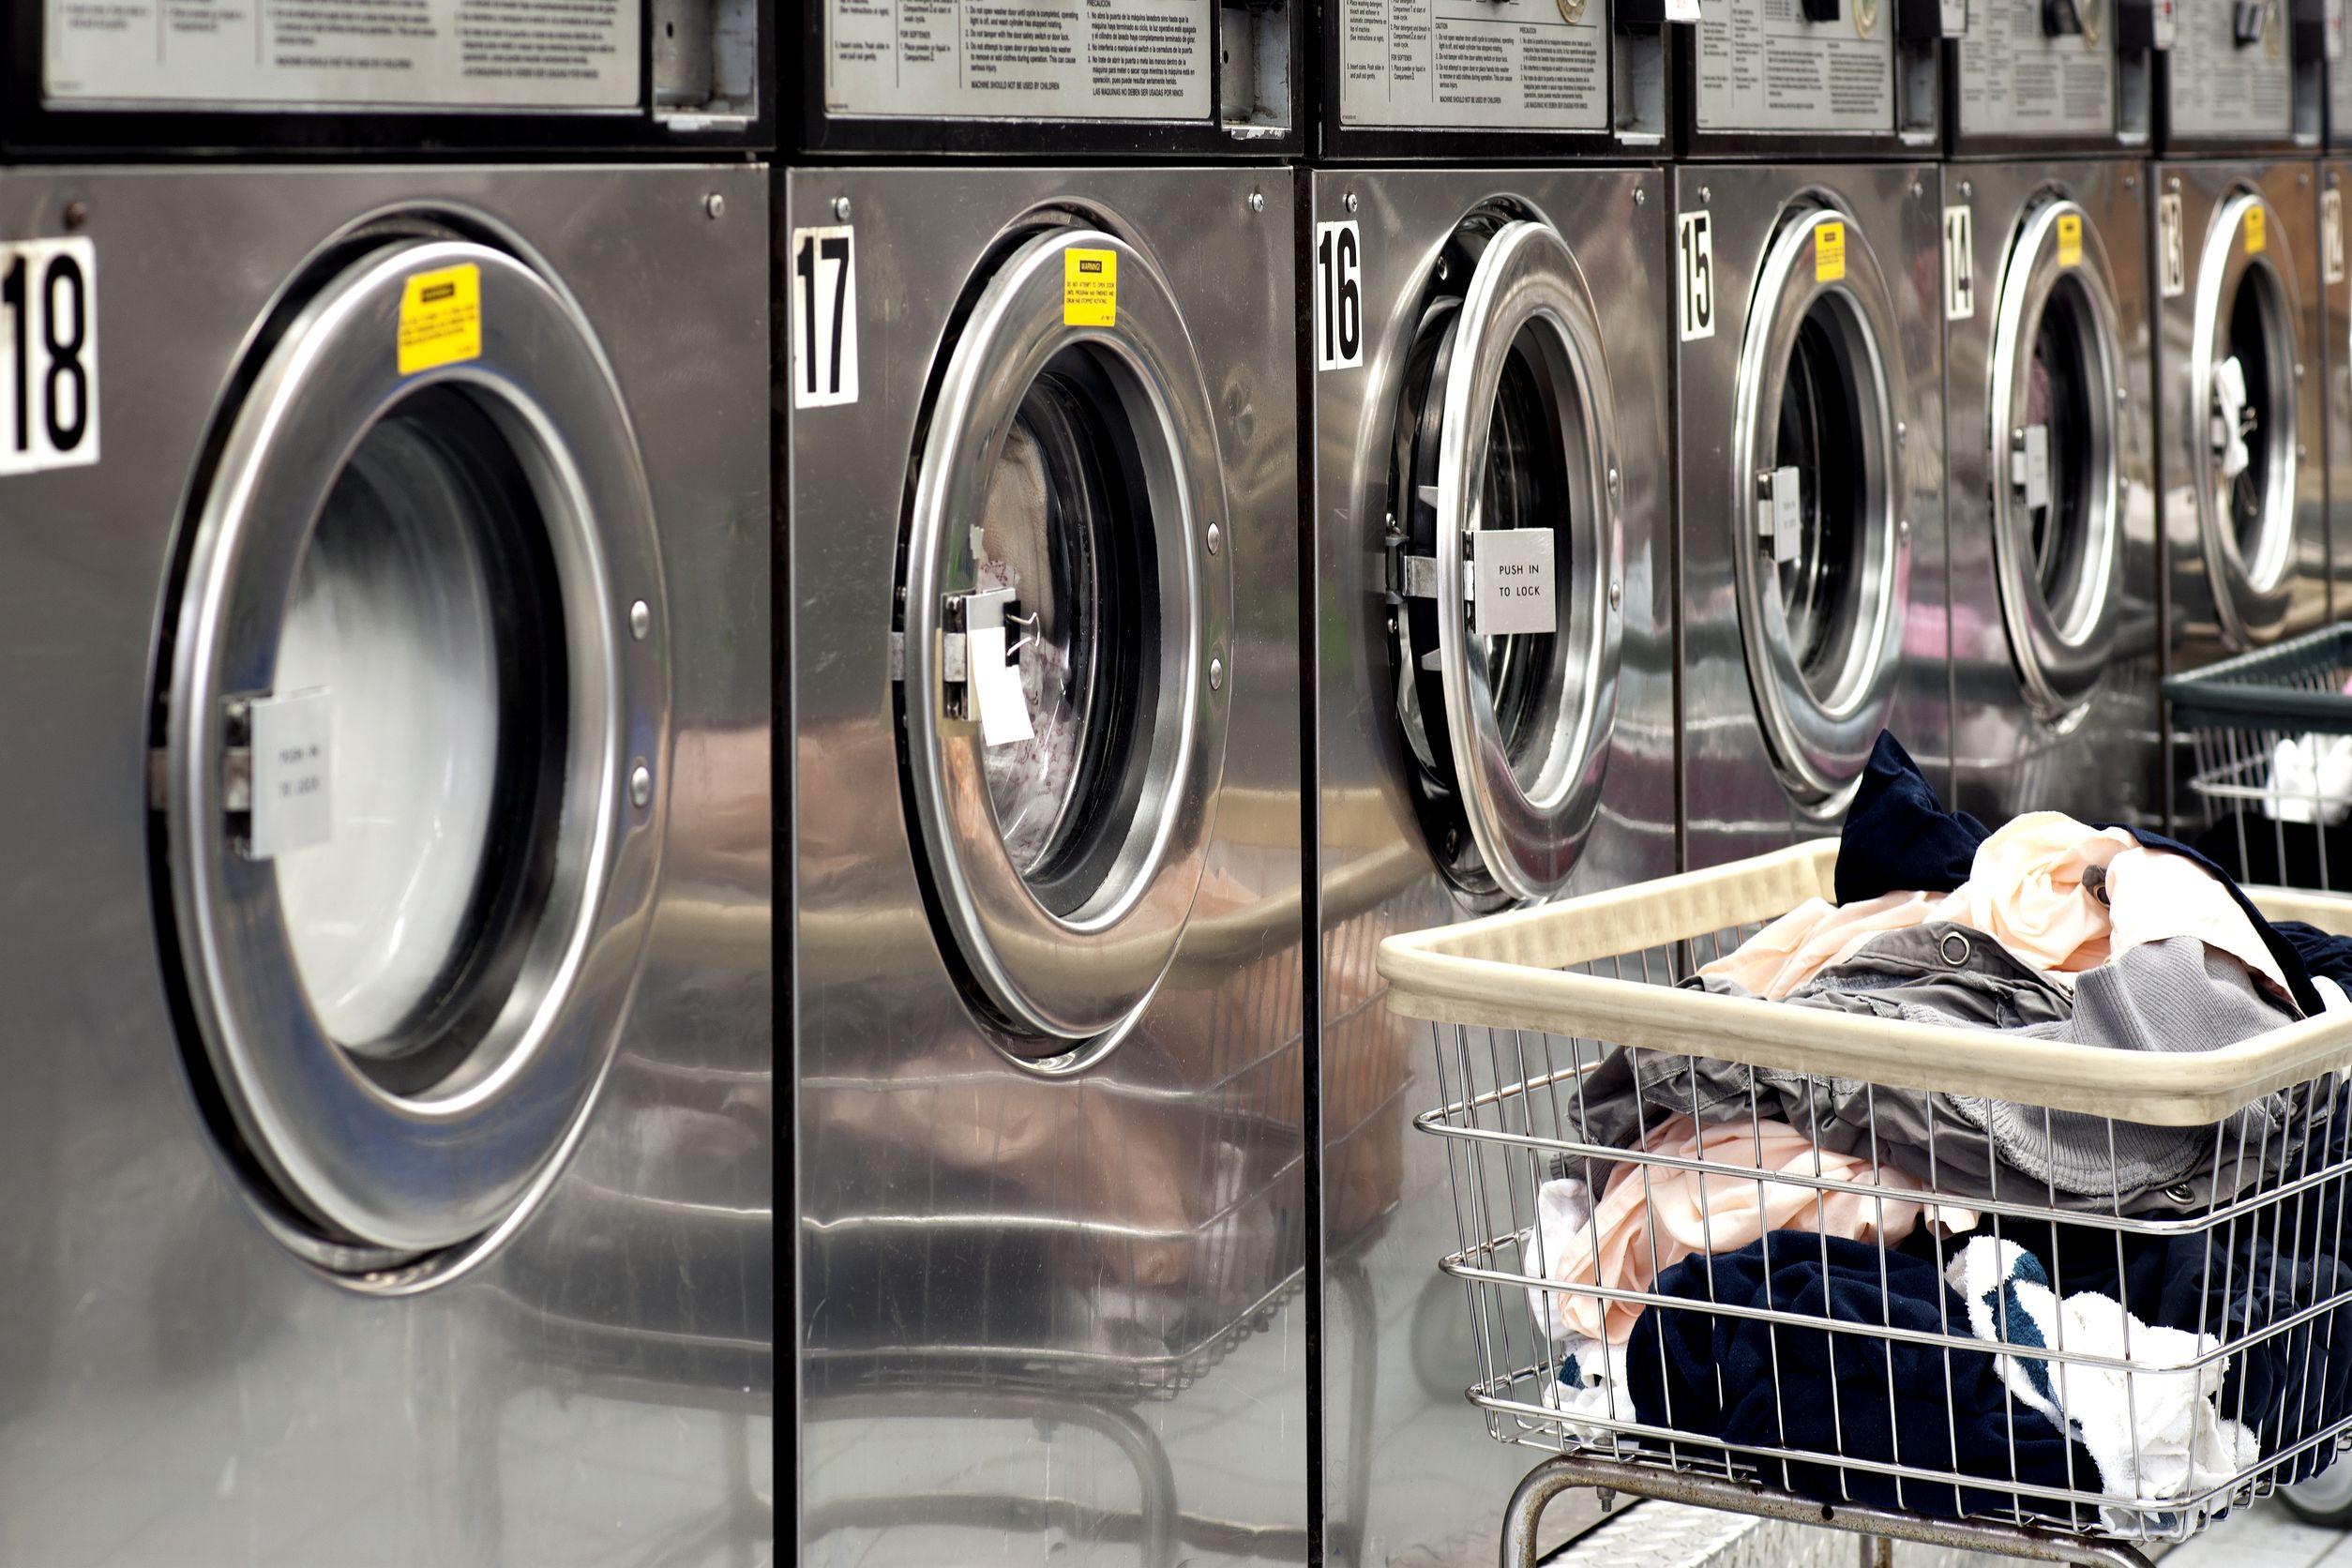 政府放宽限制,允许自助洗衣店在限制行动令期间照常营业,惟东主必须安排职员在场监督。